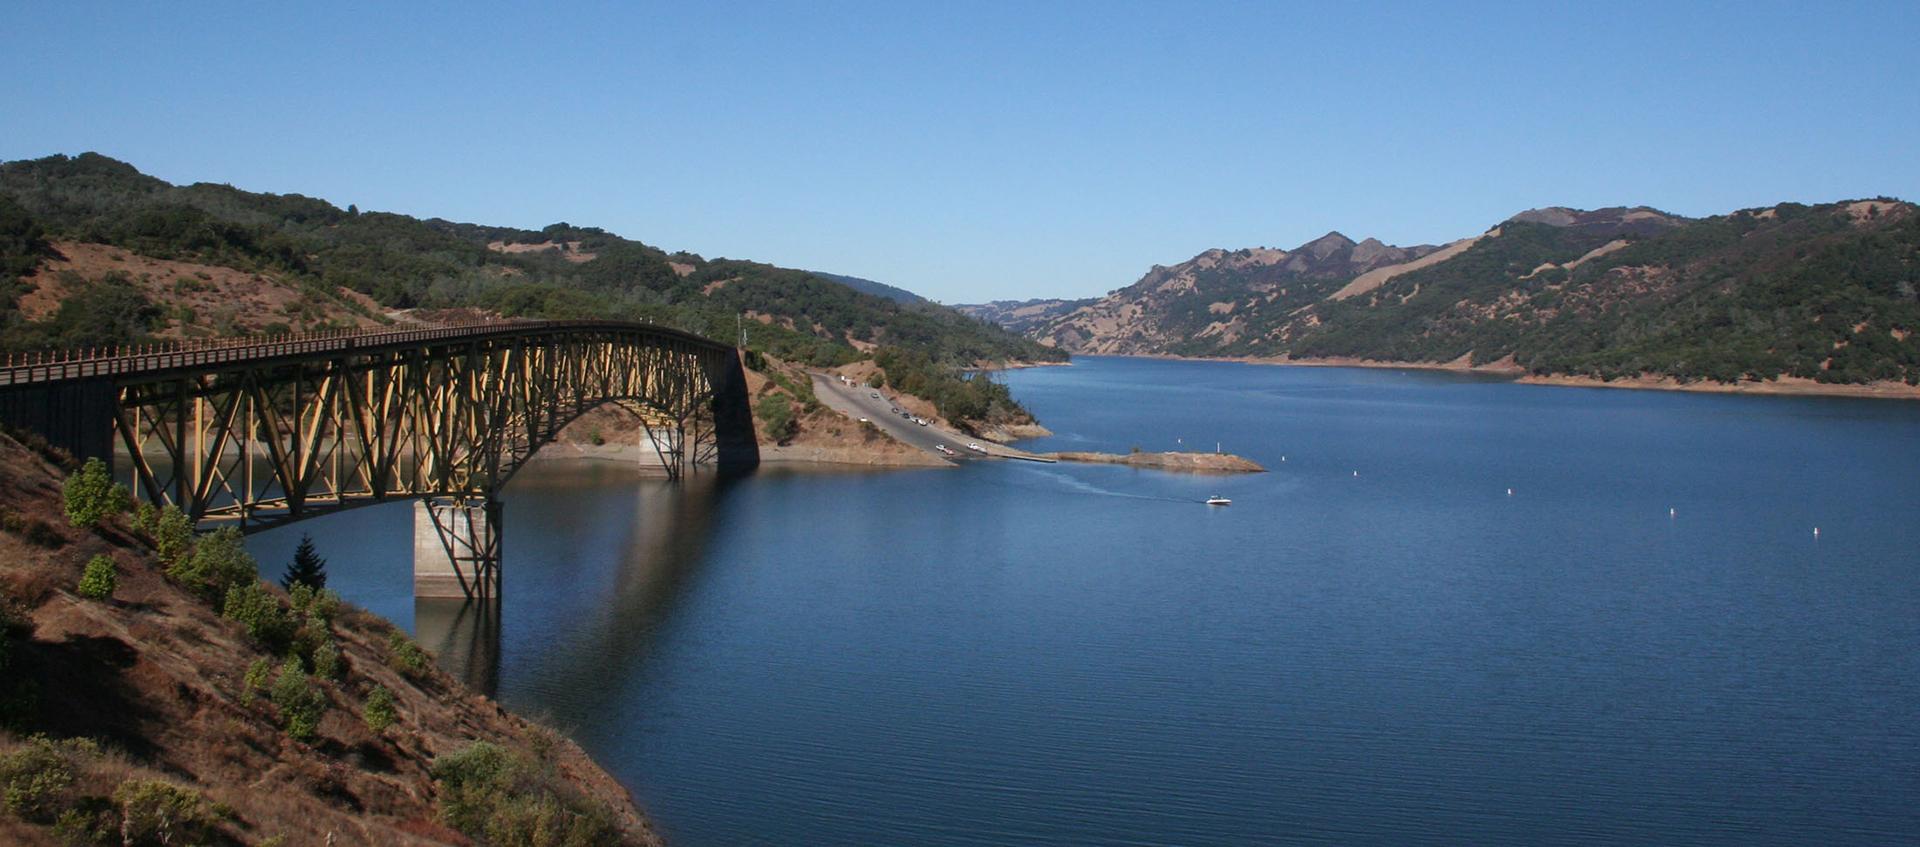 Lake Sonoma - Sonoma County, CA